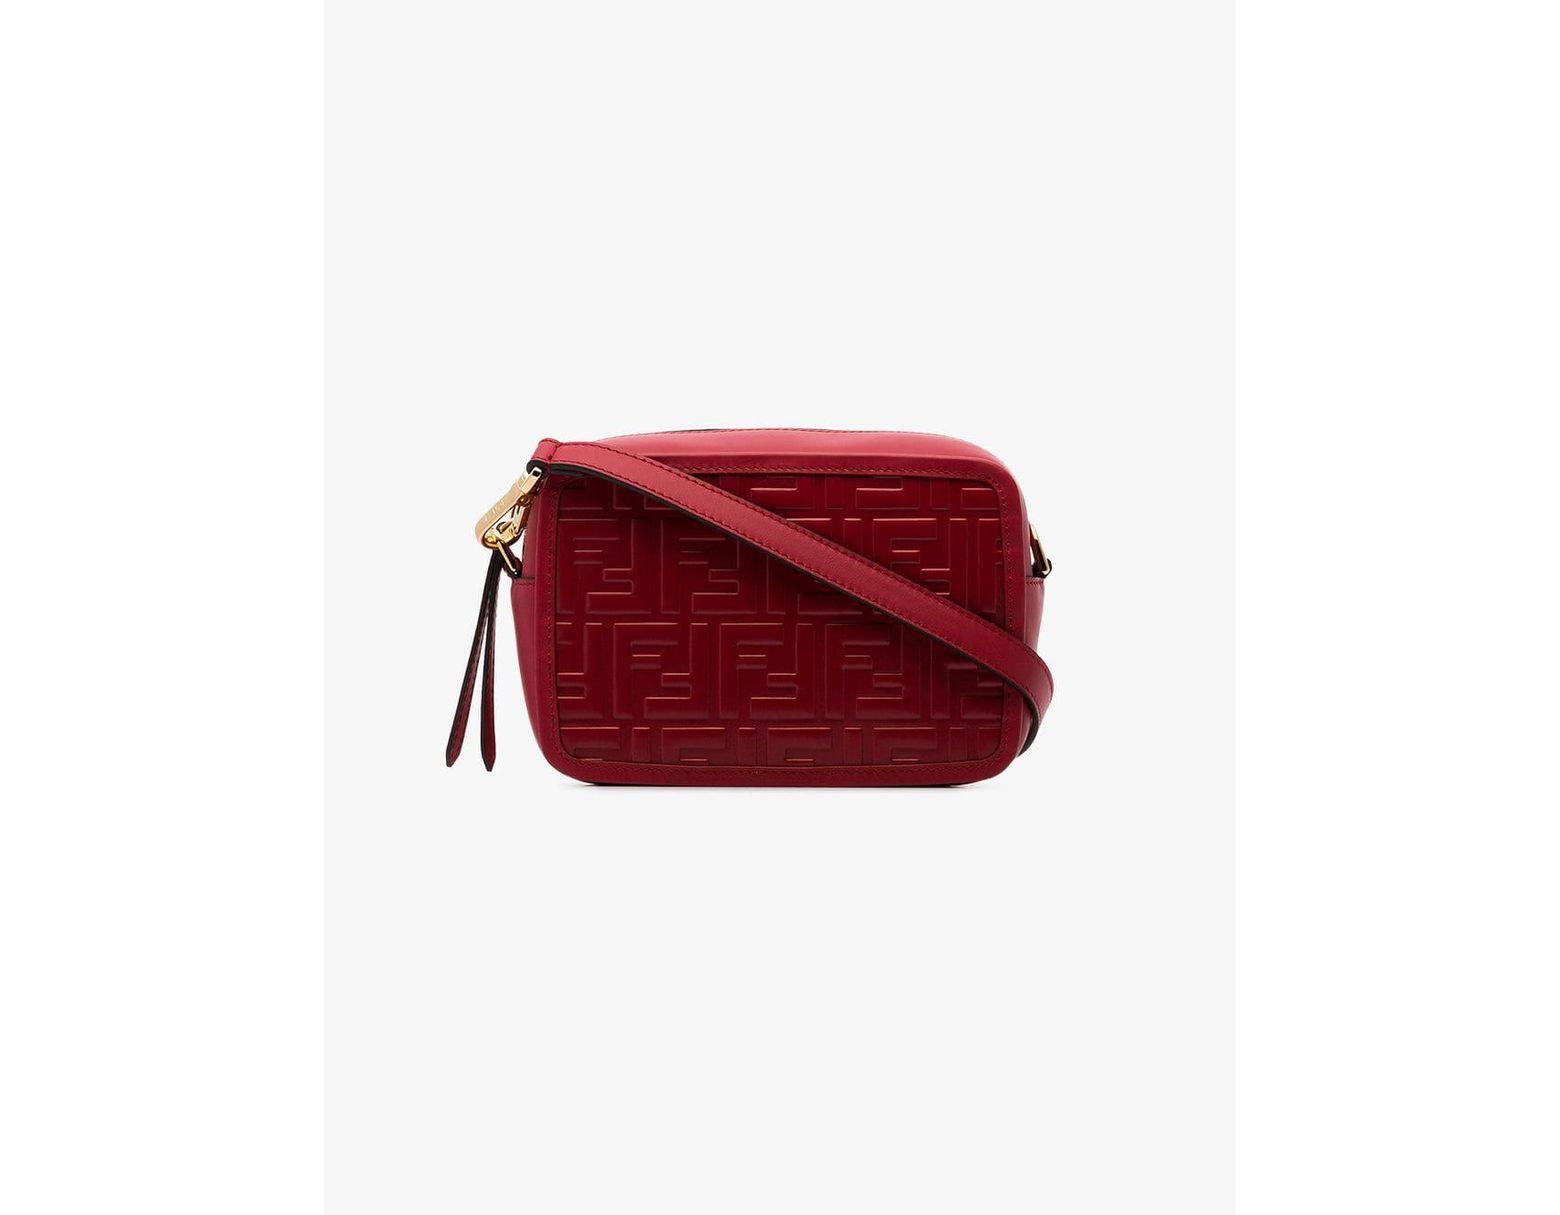 75fa62942c Fendi Red Mini Camera Case Cross Body Bag in Red - Save 30% - Lyst